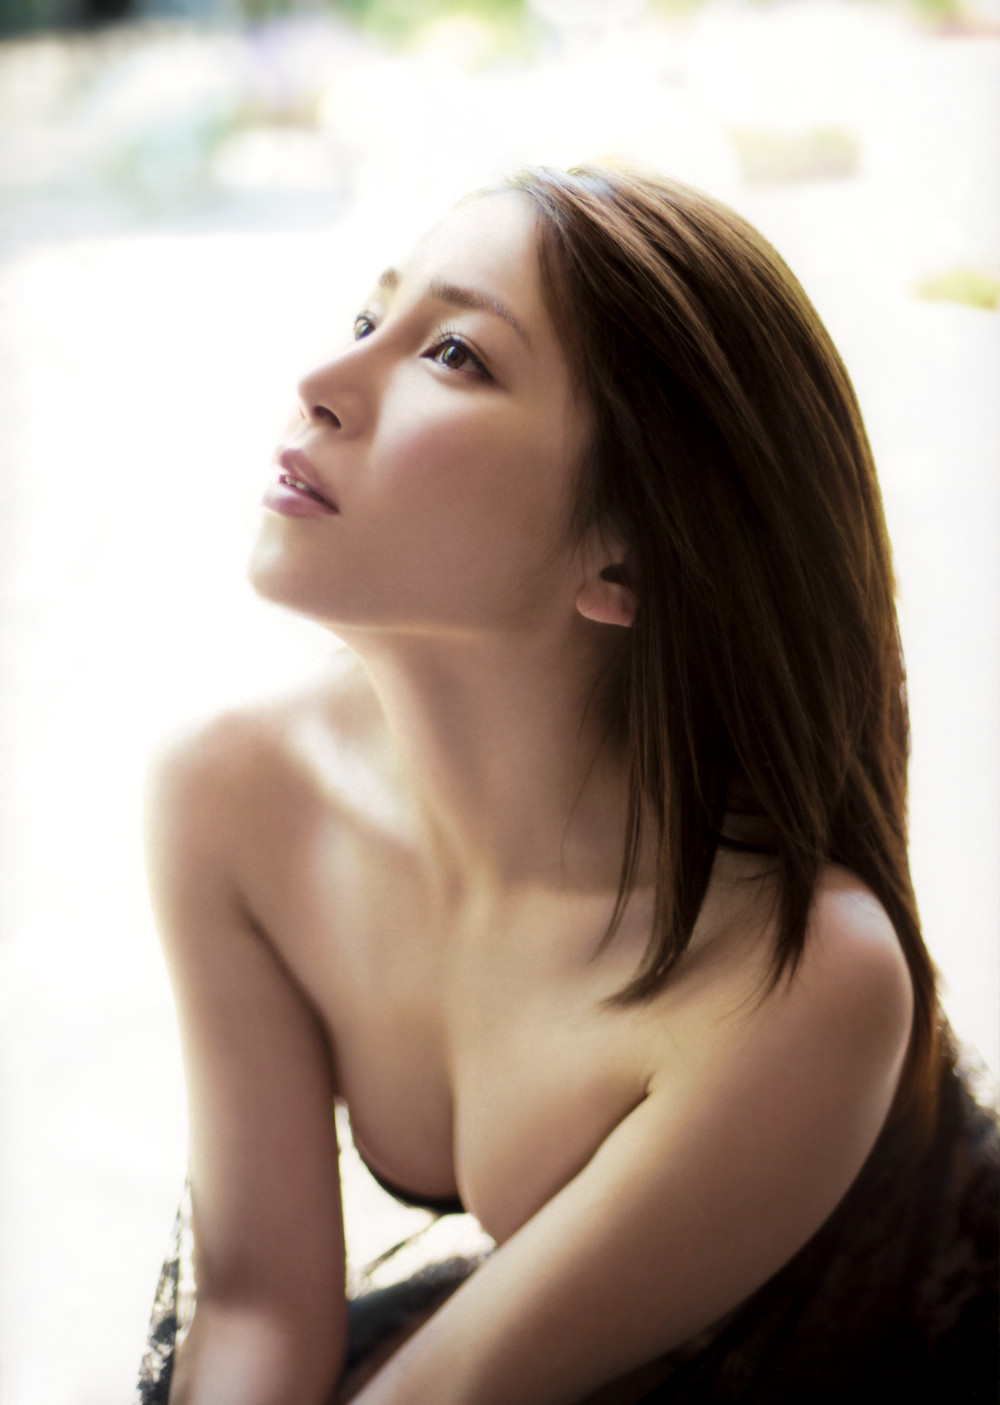 写真集「誘惑」の吉川友